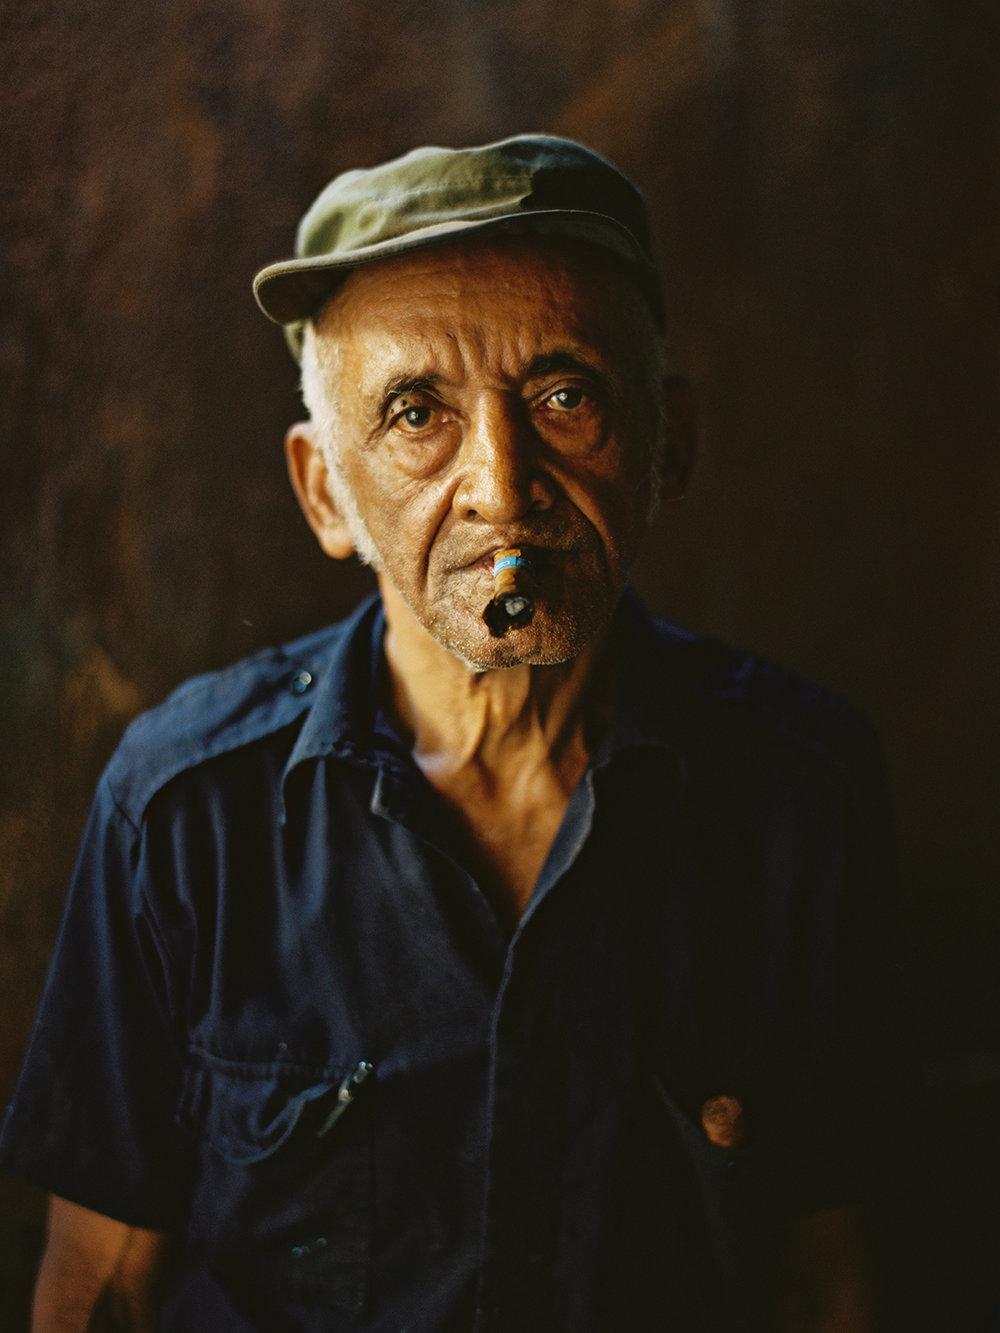 Cuba-J-Lambert-Film021.jpg